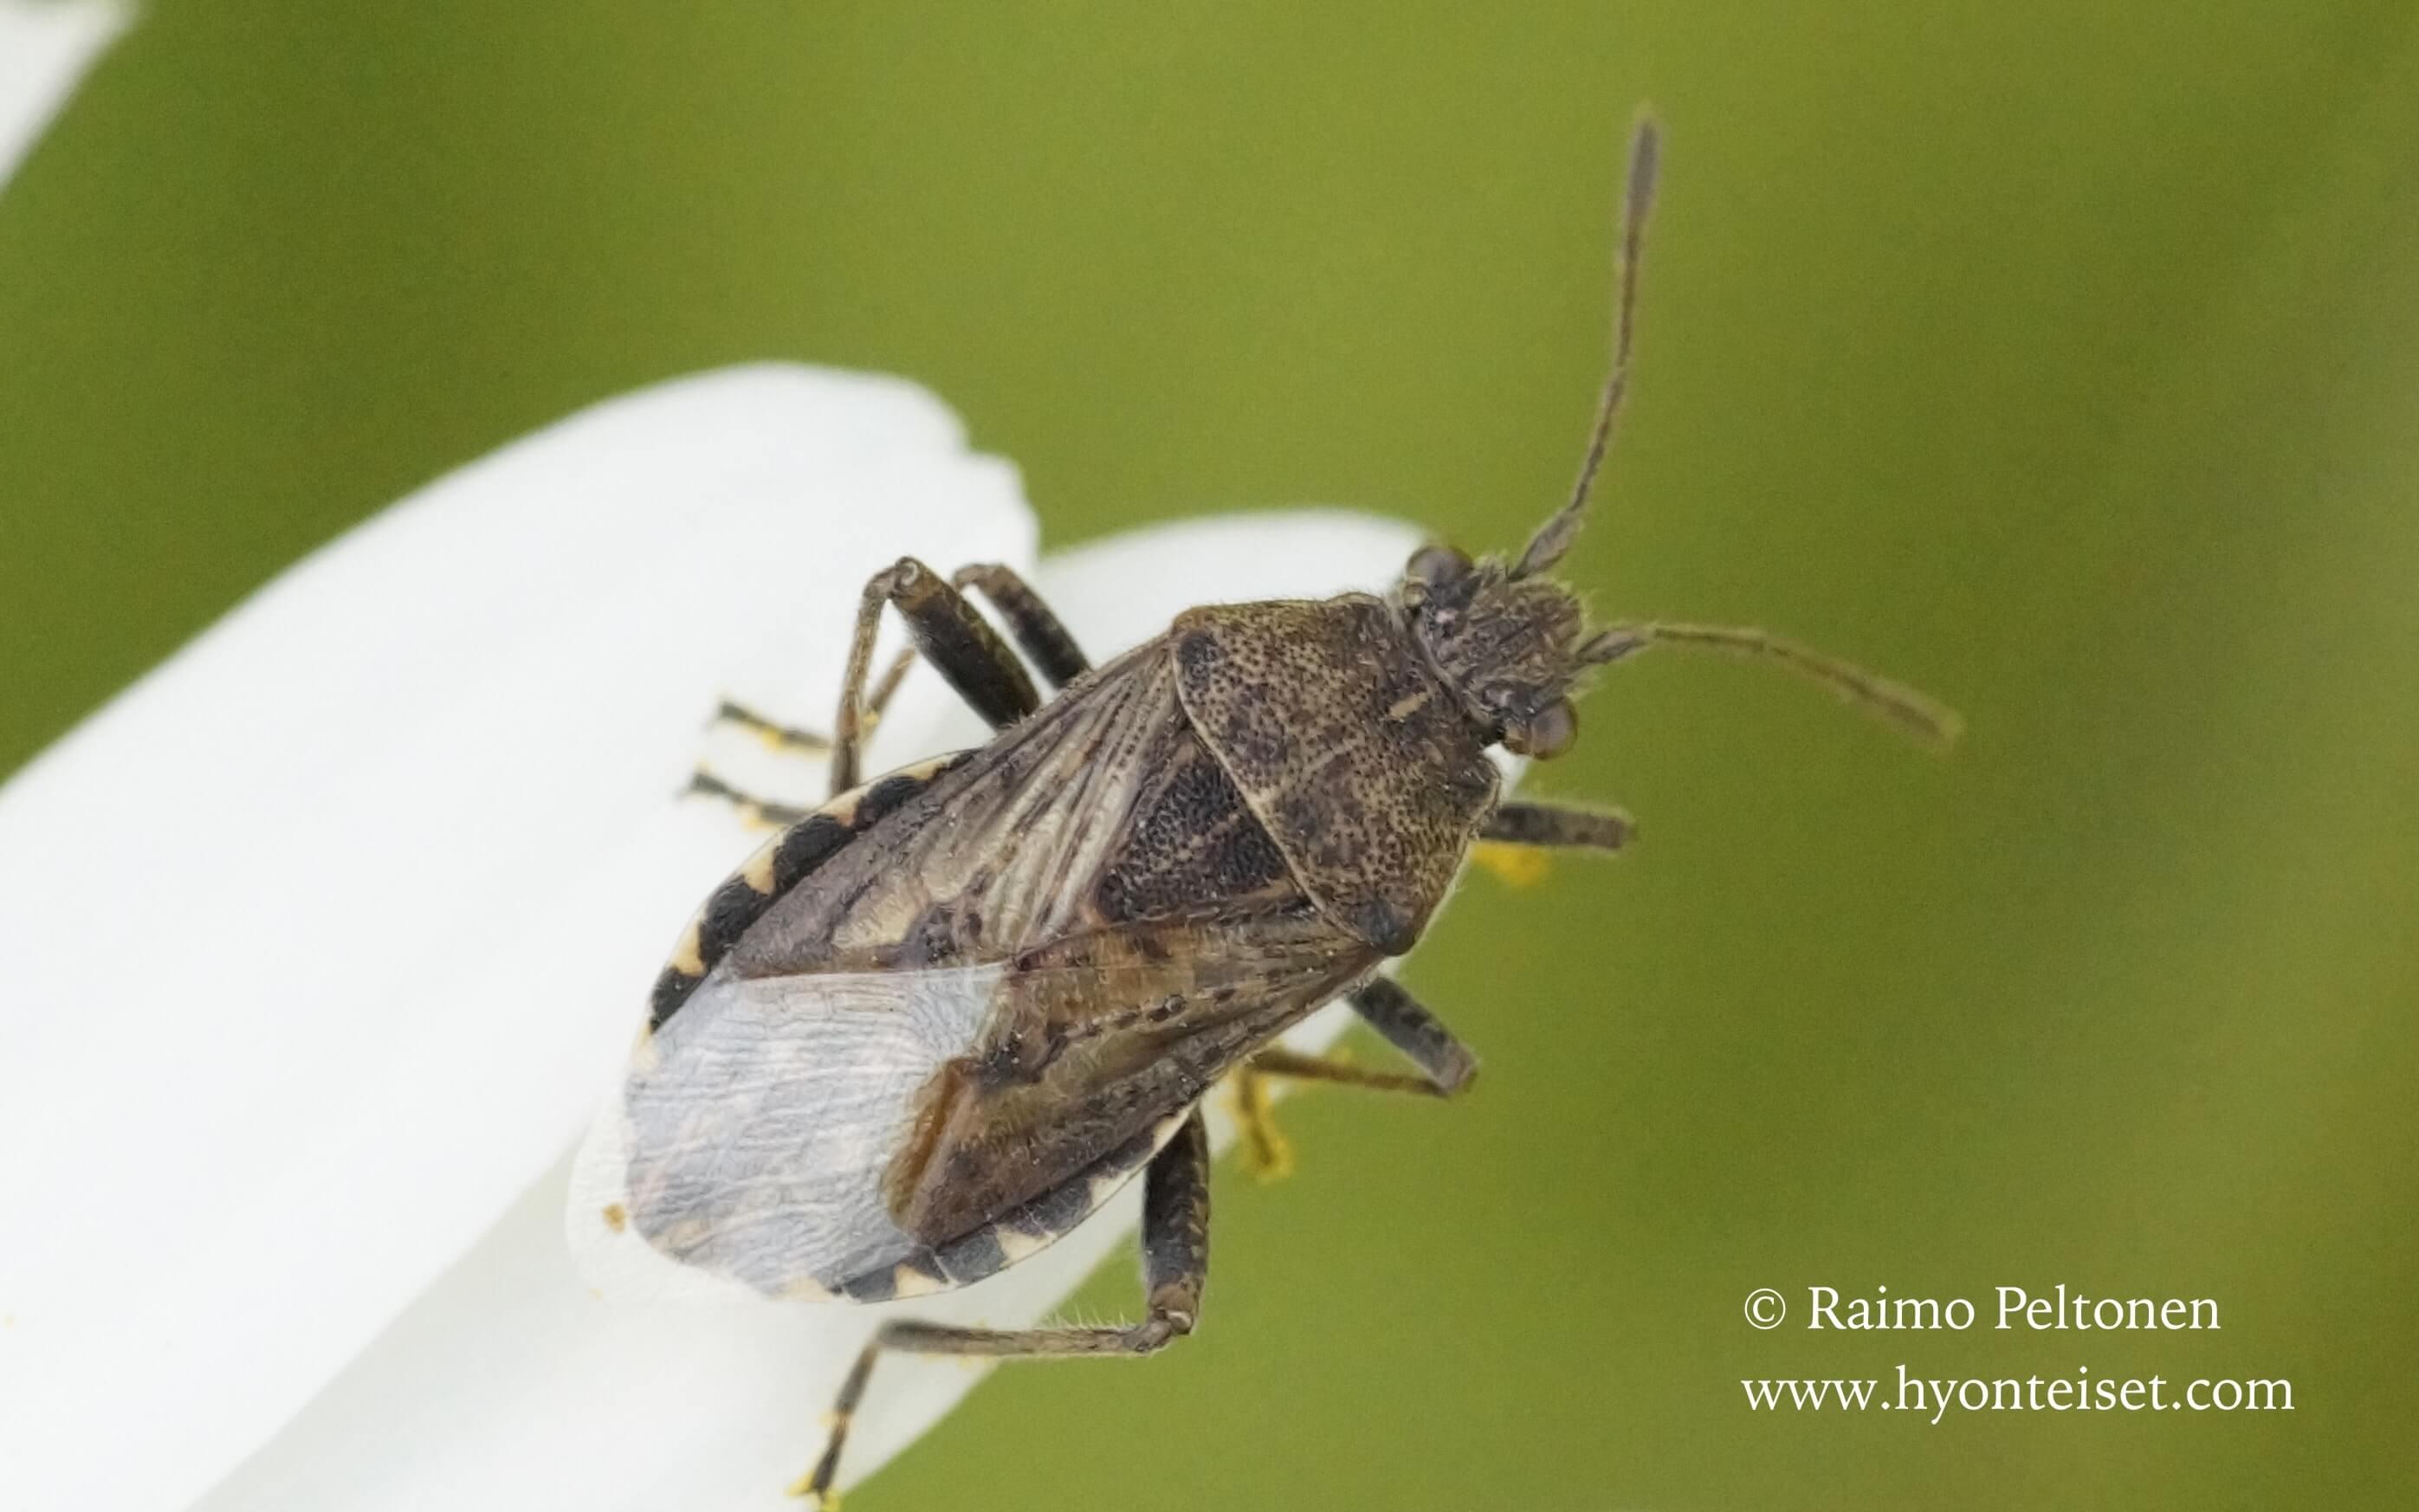 Stictopleurus cf. punctatonervosus Stictopleurus cf. punctatonervosus-kaakonkoukerolude (det. Veikko Rinne)